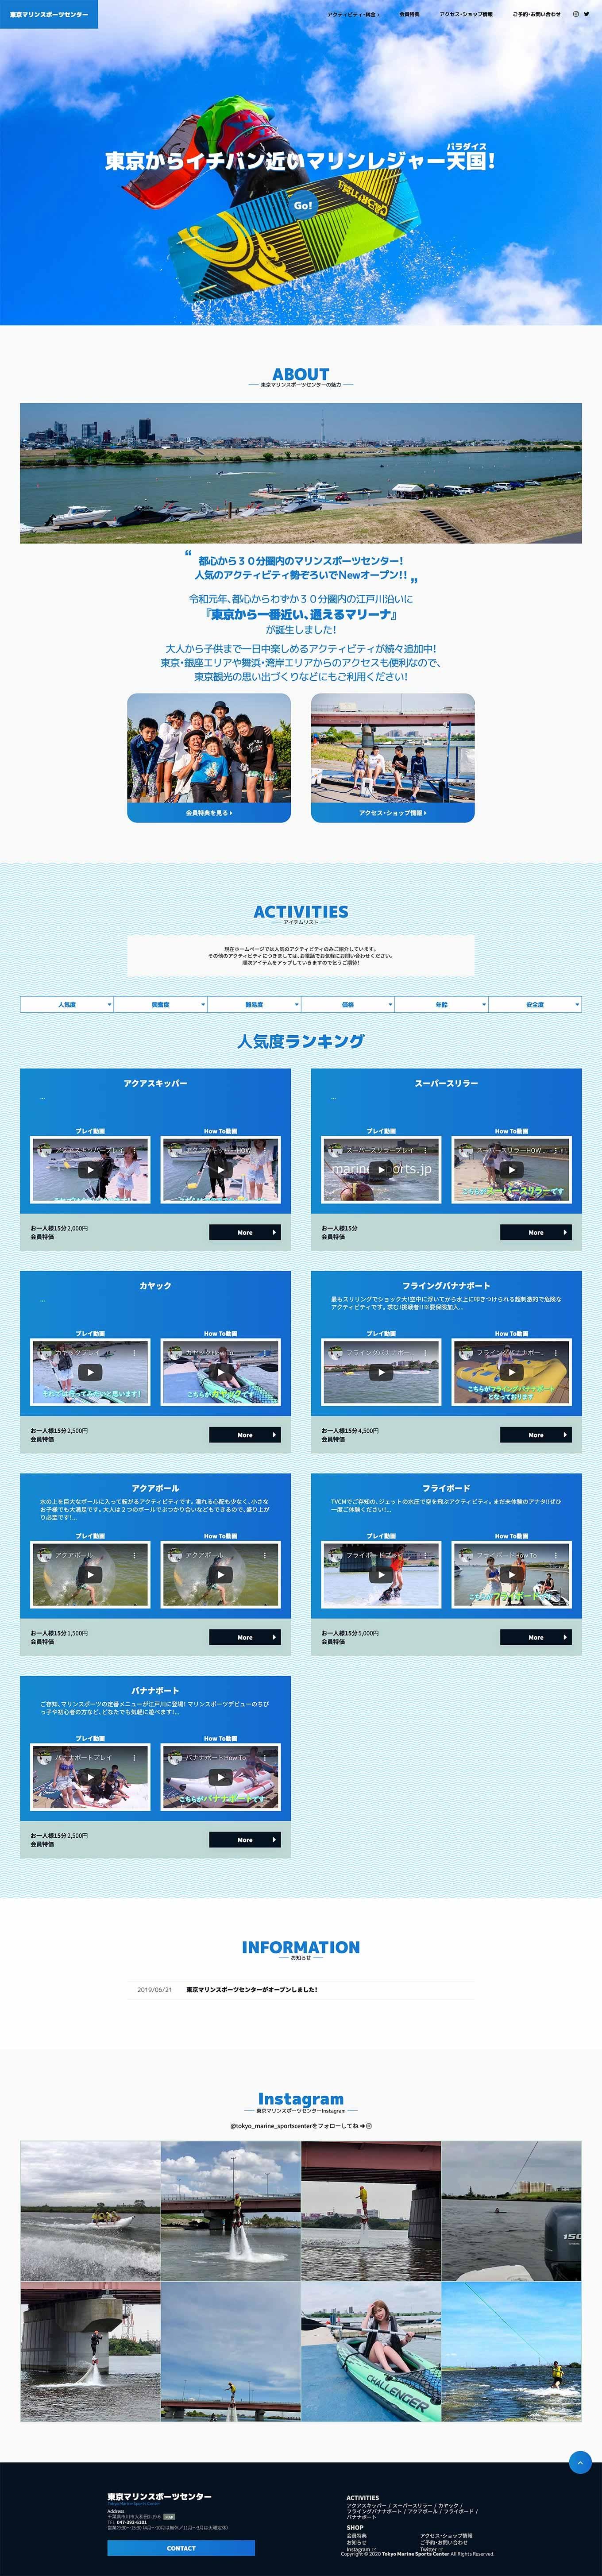 東京マリンスポーツセンター様のウェブサイトを新規制作しましたスマートフォンの見た目